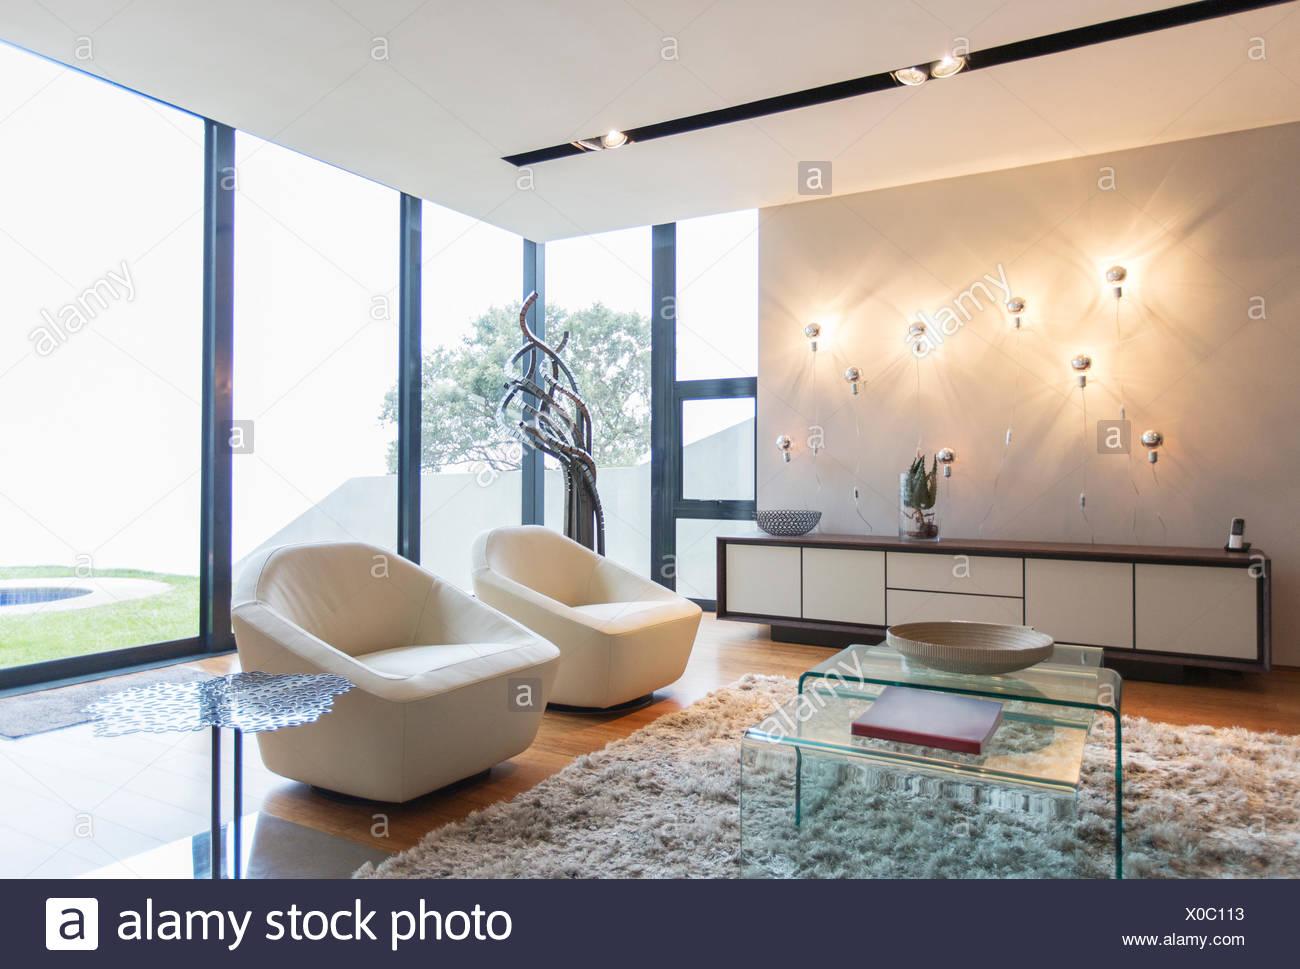 Tappeti Soggiorno Moderno : Poltrone e shag tappeto nel soggiorno moderno foto immagine